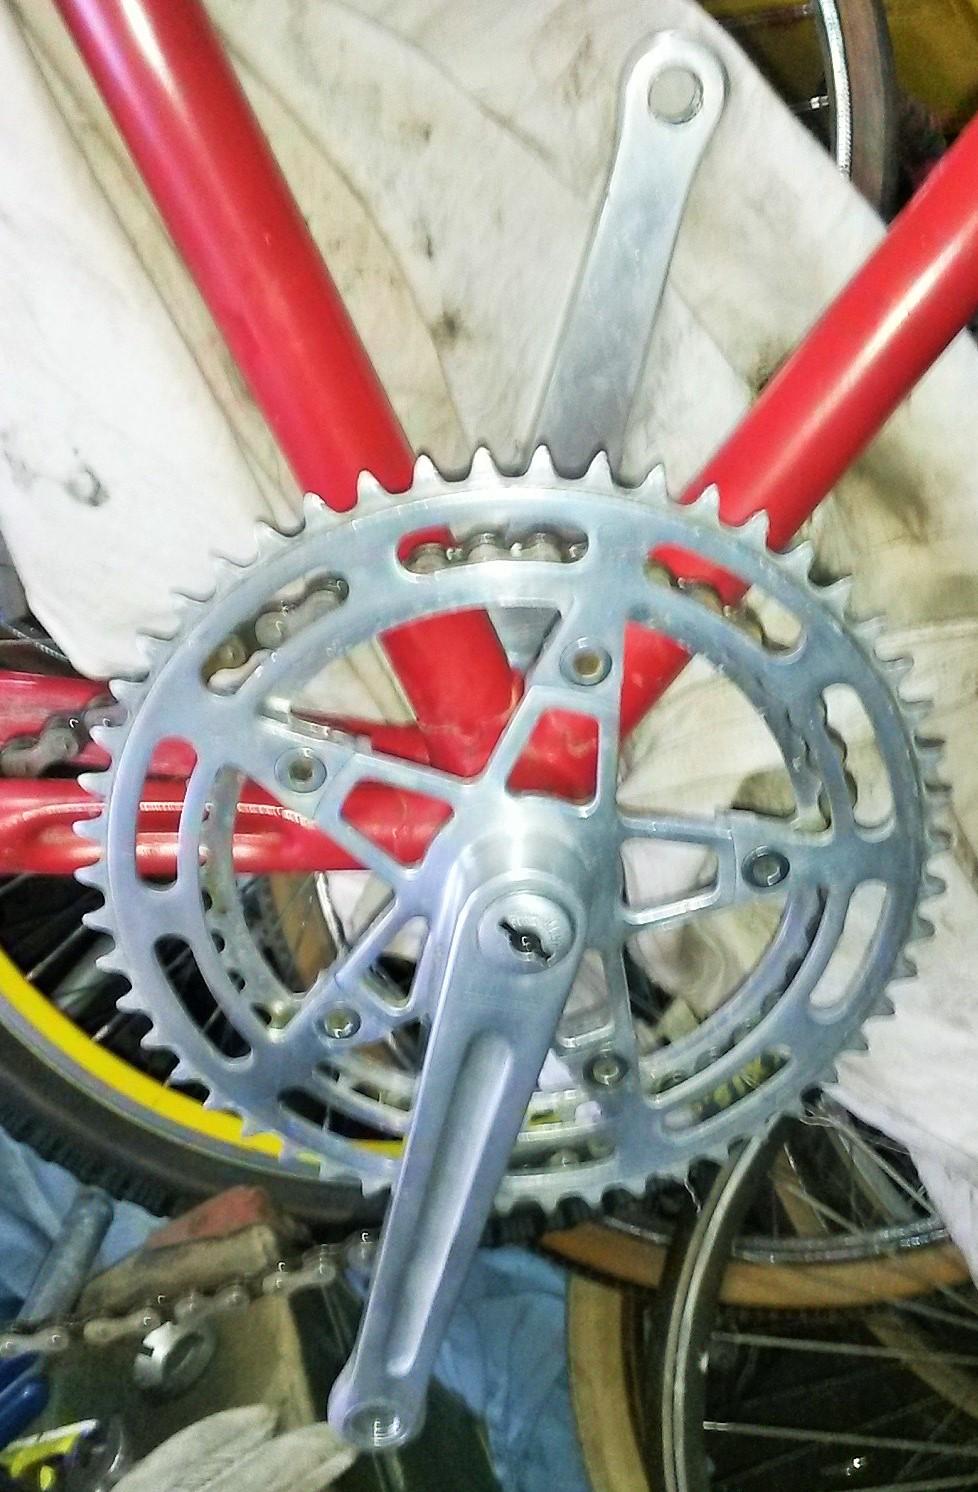 vélo de course a raccord NERVEX 1970 -75 02219